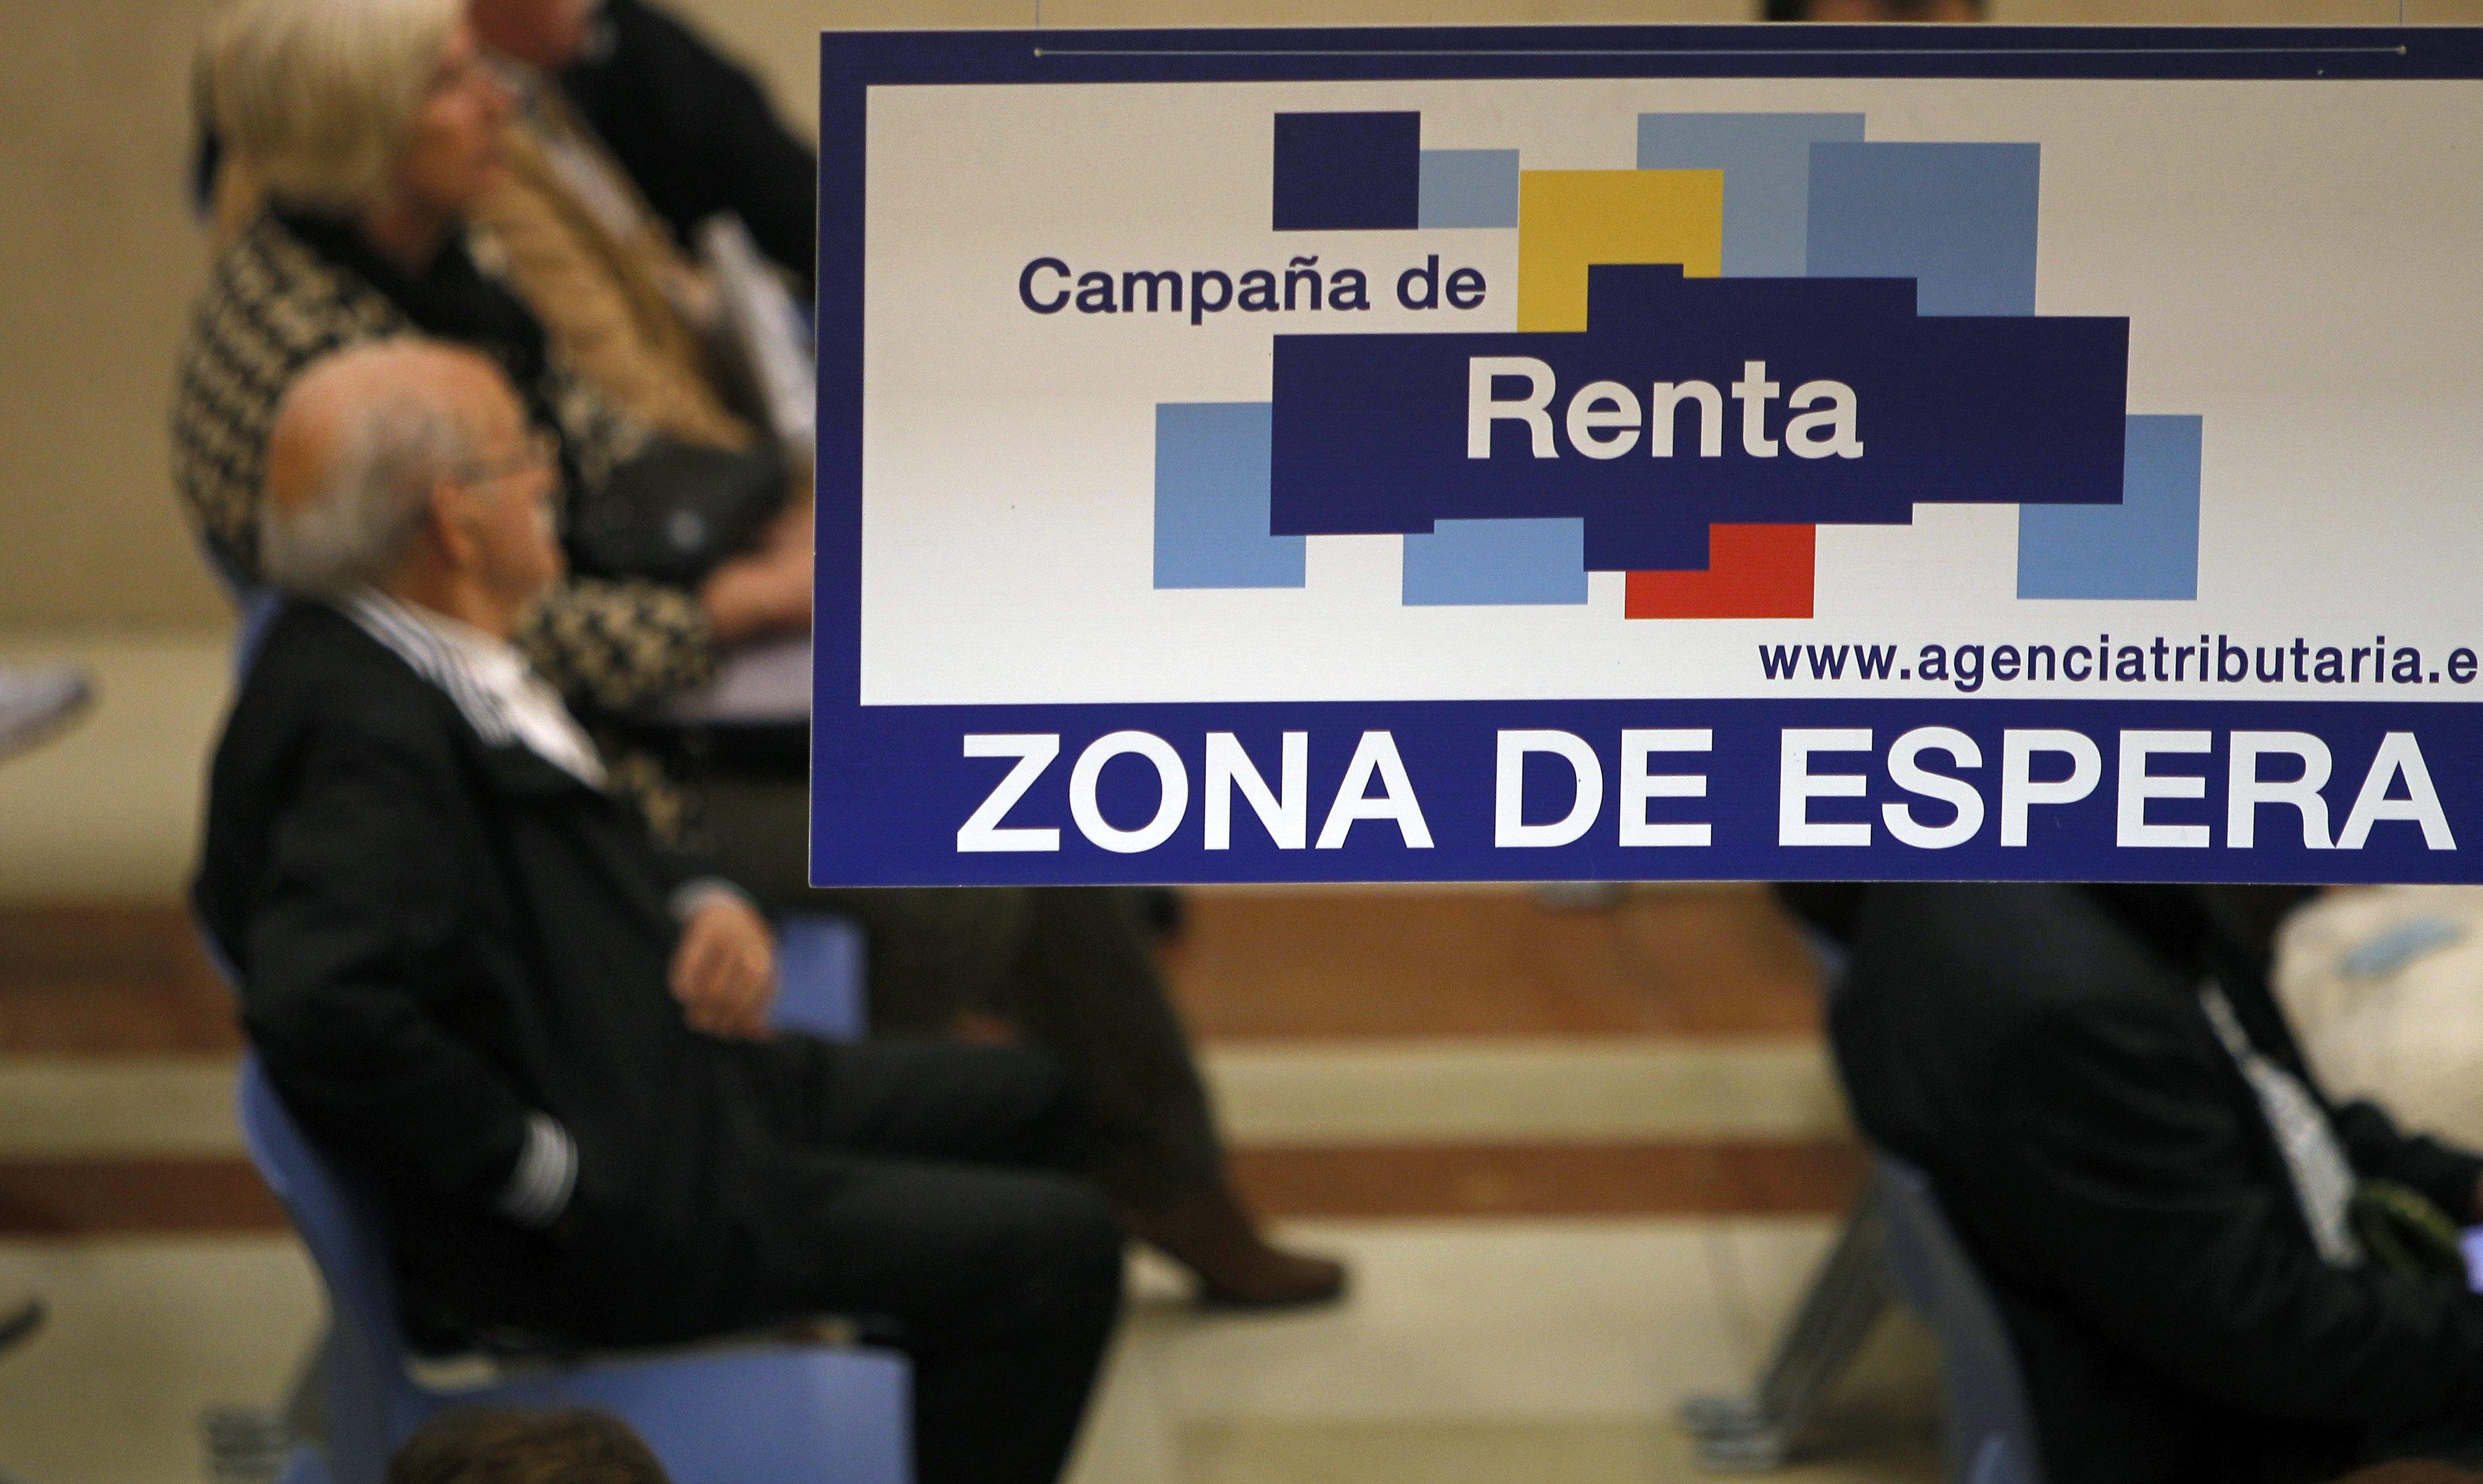 ESPAÑA CAMPAÑA RENTA:GRA124. MADRID, 10/05/2016.- Zona de espera de una de las oficinas de la Agencia Tributaria, cuando se inicia la atención en oficinas para los contribuyentes que requieran asistencia especializada. A día de hoy, más de 4.760.000 contribuyentes han presentado su declaración del impuesto sobre la renta de las personas físicas correspondiente a 2015 (IRPF 2015). EFE/Diego Pérez Cabeza